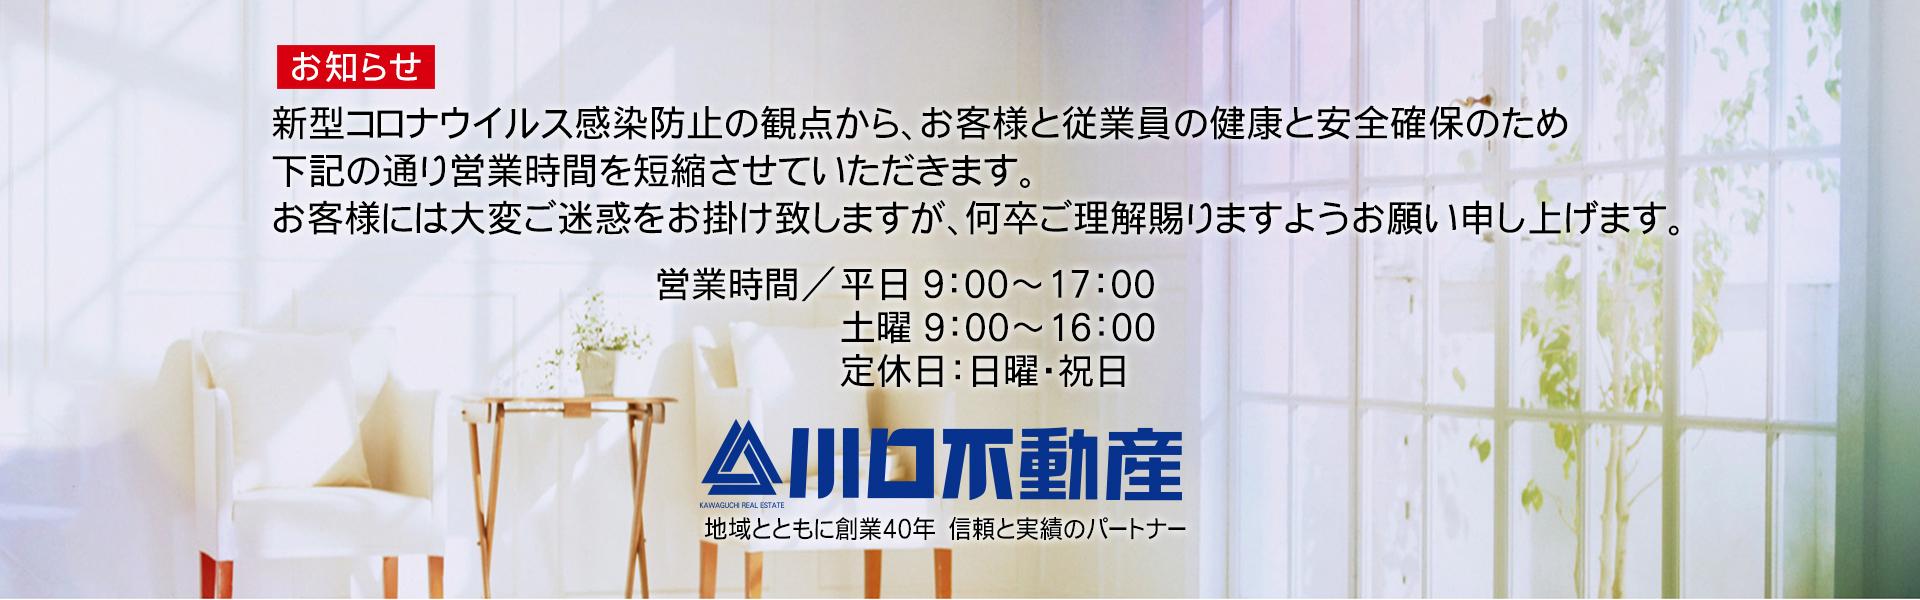 熊本の不動産売買、買い取りなら山口ハウジング